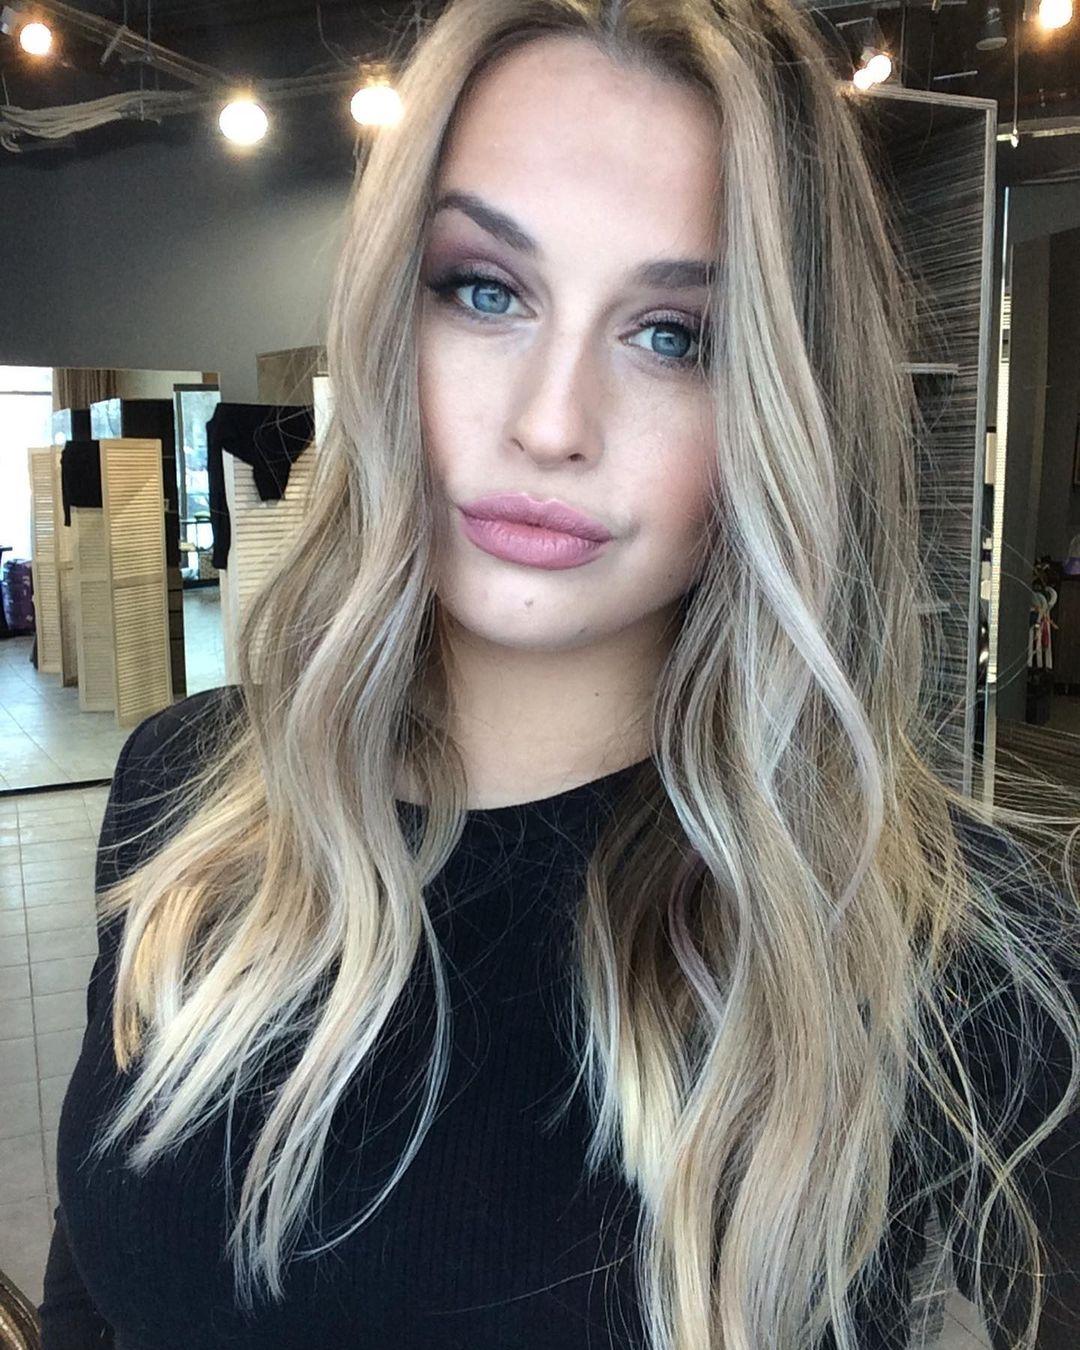 Кожа волос: РЕШИЛАСЬ ЗА 1 МИНУТУ   Несколько лет я хотела осветлить концы, сделать амбре, чтобы м...